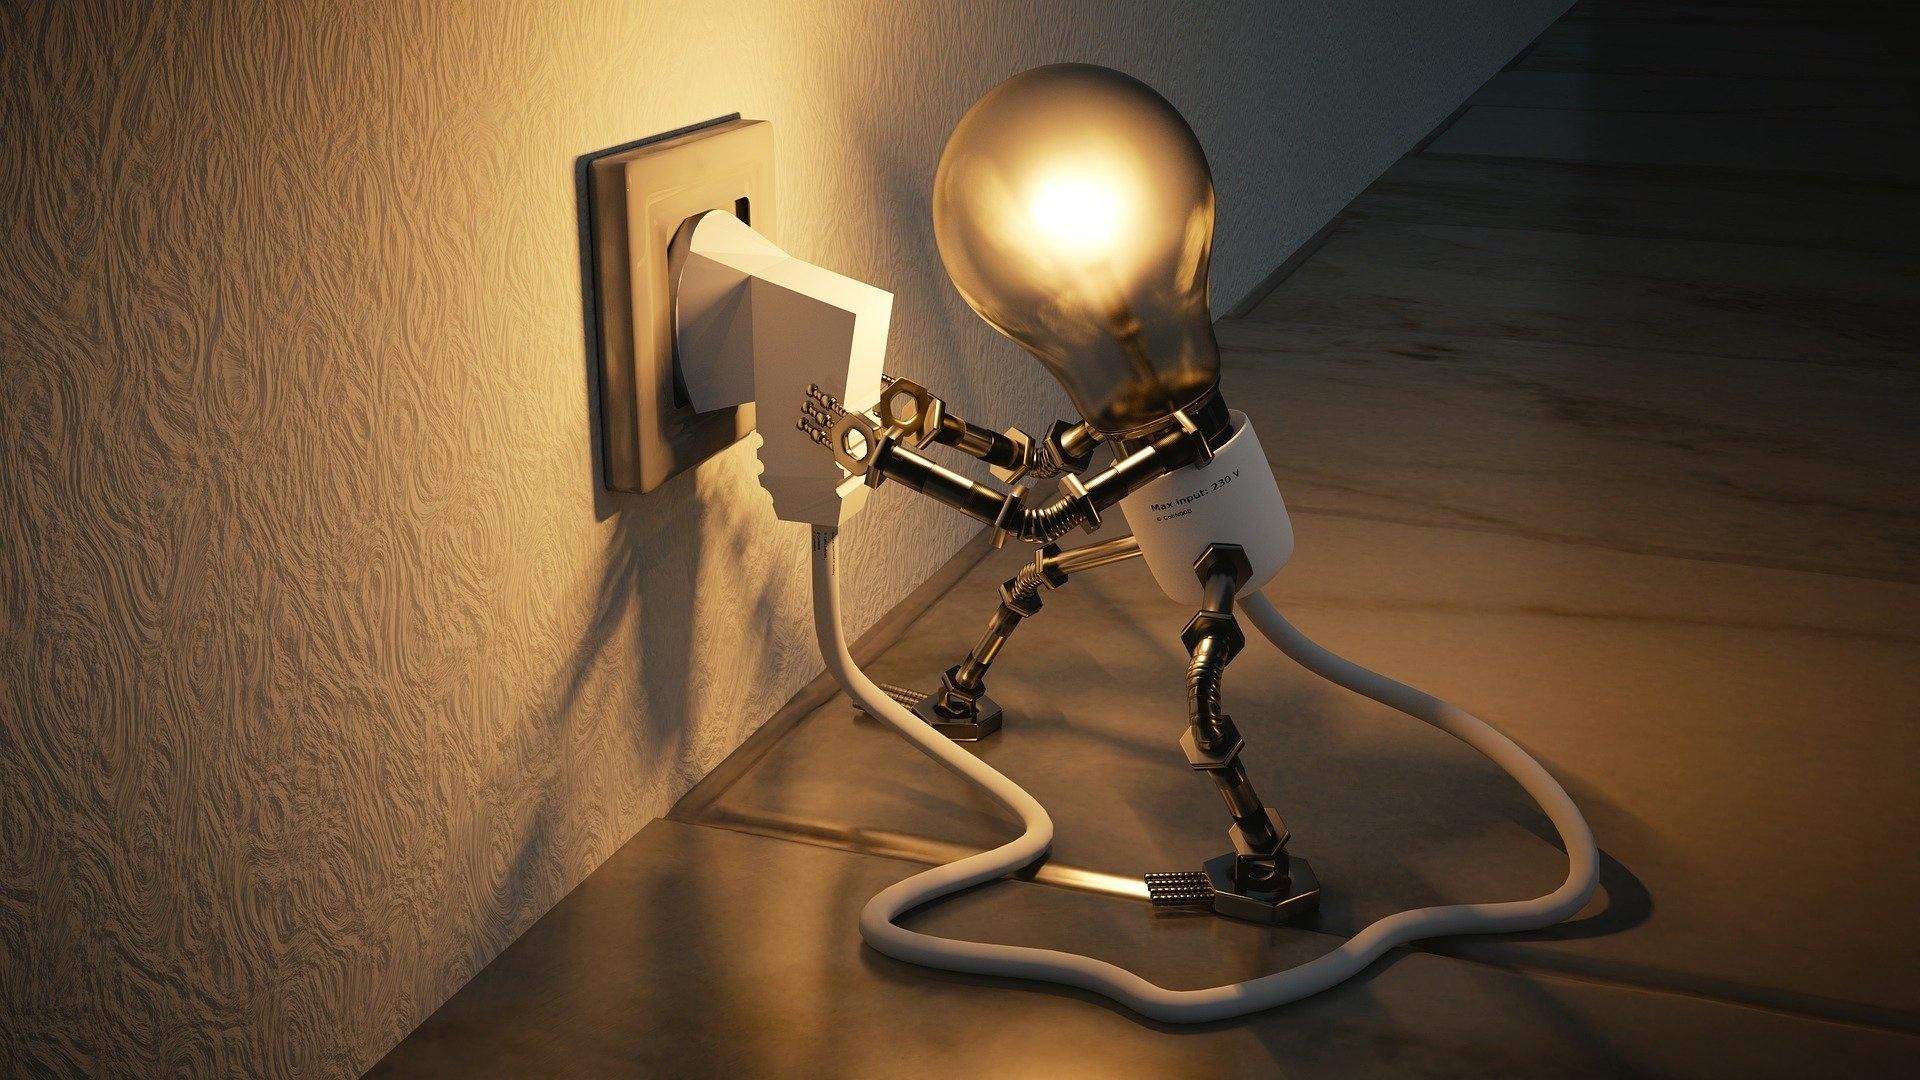 Light Bulb wallpaper for computer